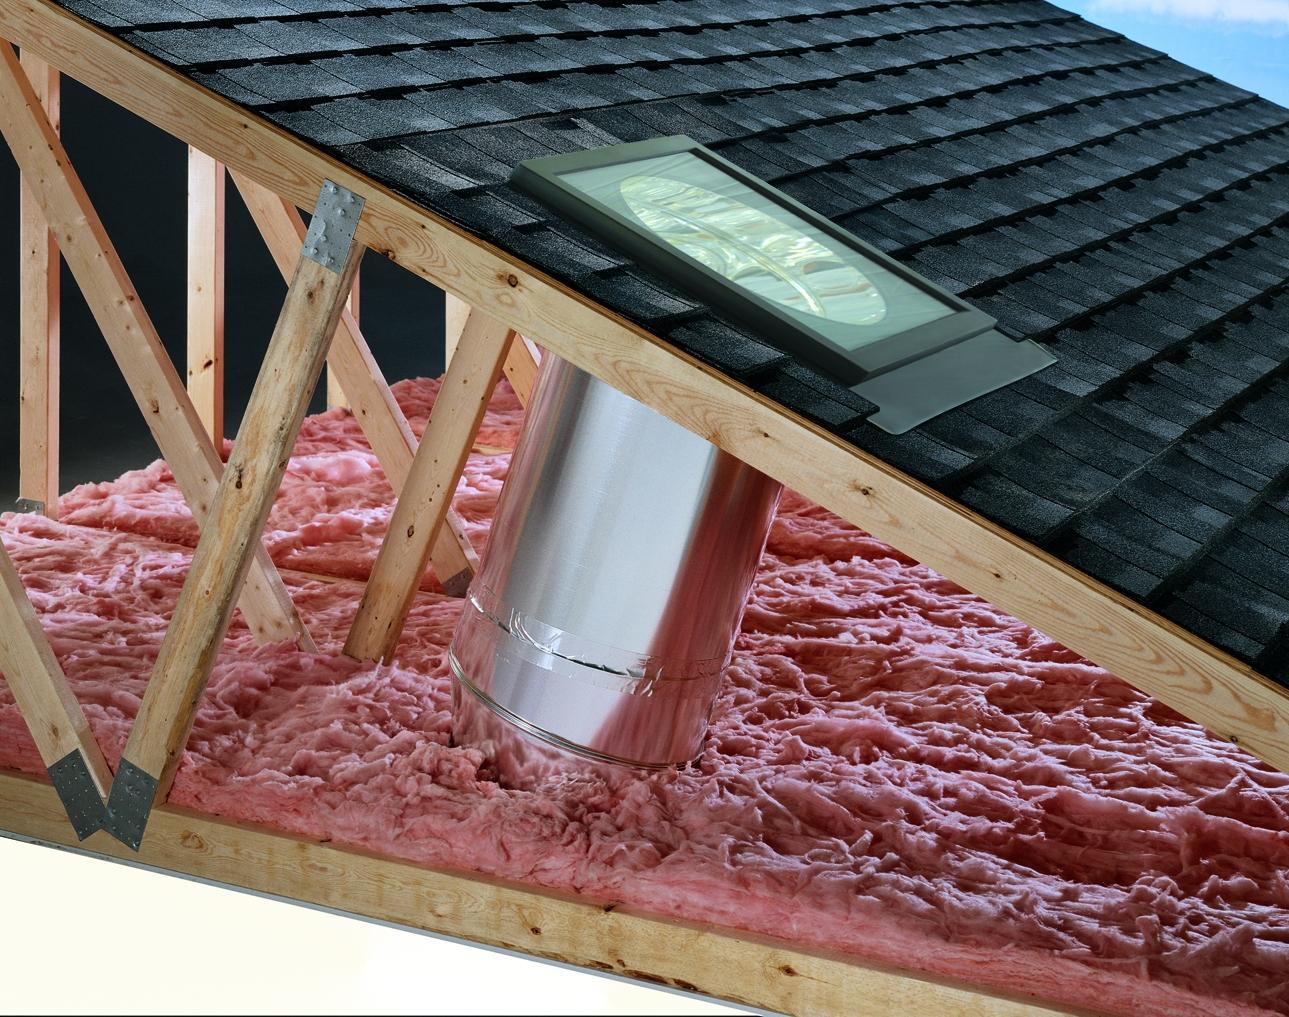 Instalaci n de un tragaluz tubular constru gu a al d a - Tragaluces para tejados ...